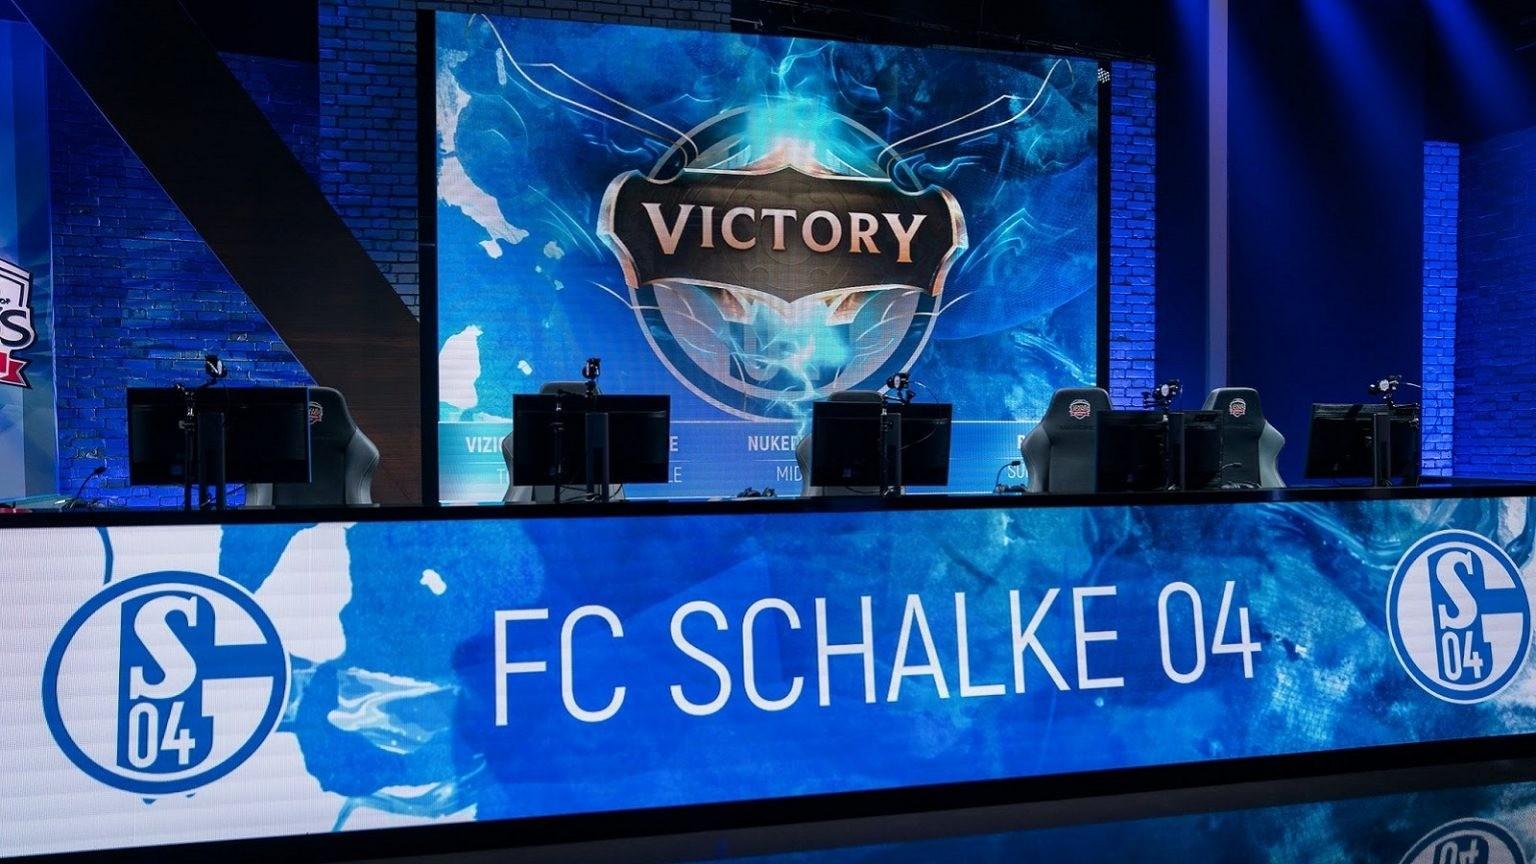 Немецкий клуб Schalke 04 продал слот в League of Legends за 265 миллиона евро